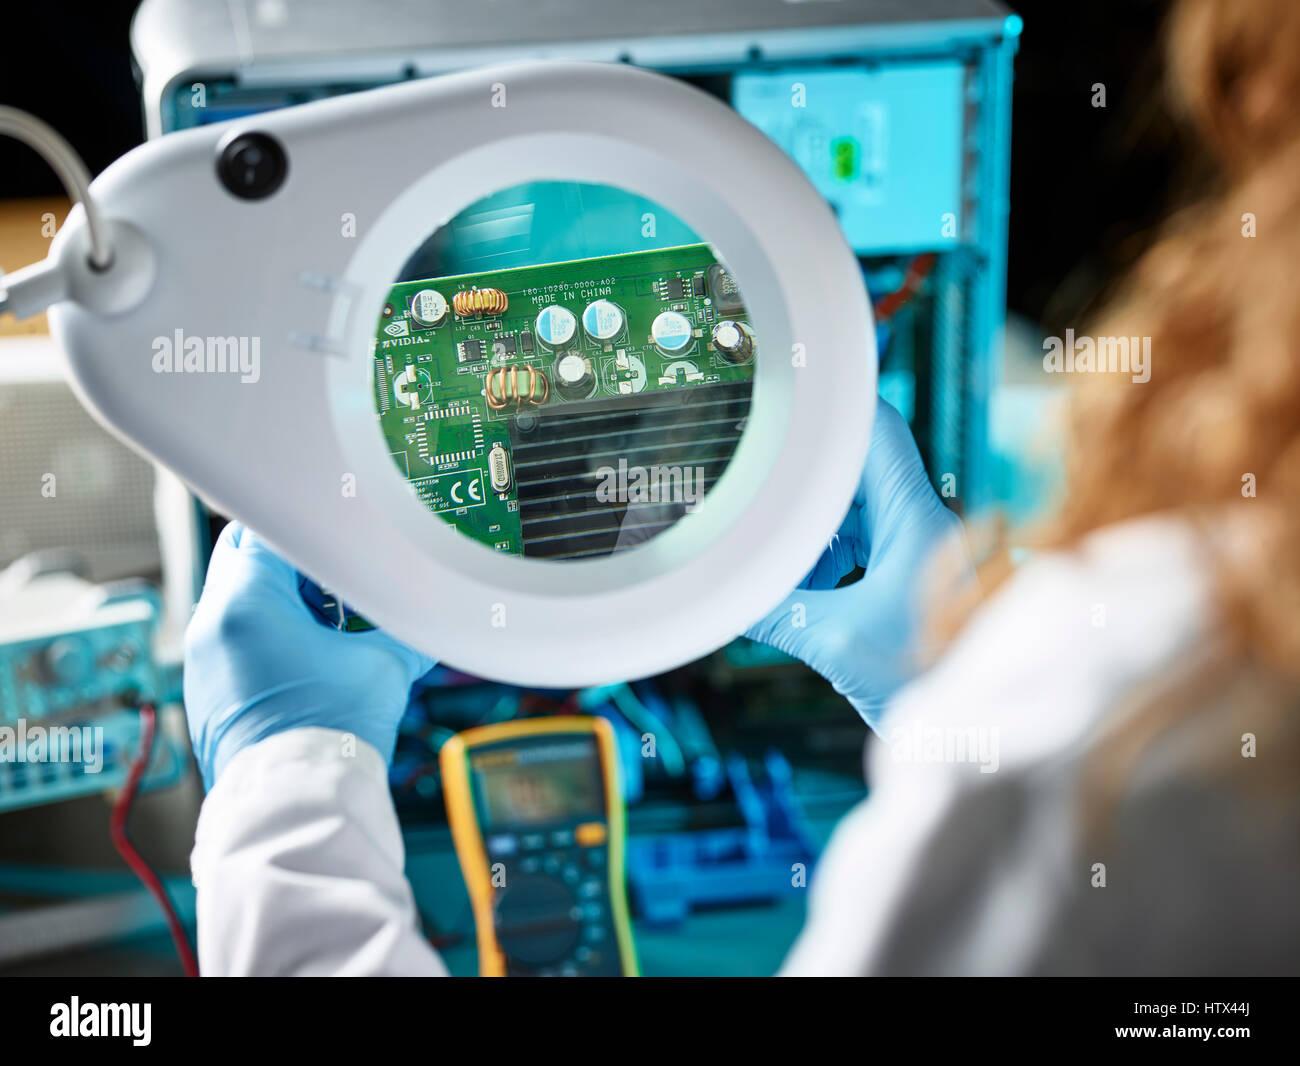 Ingenieur mit weißen Laborkittel Prüfung Grafikkarte, Blick durch Lupen an Bord, Österreich Stockbild